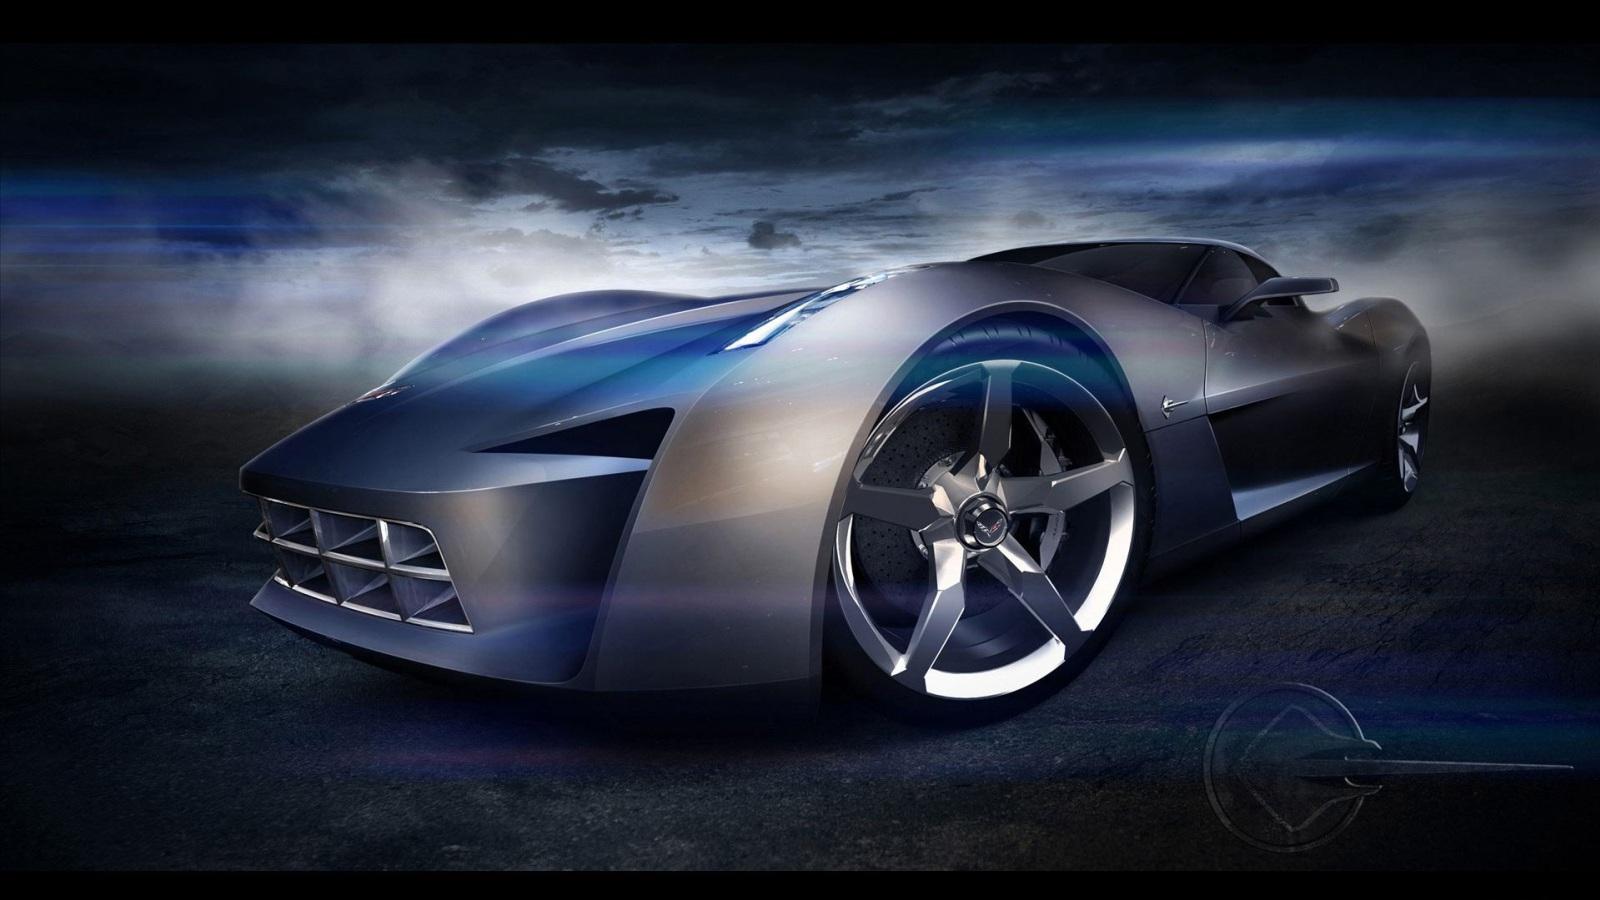 http://4.bp.blogspot.com/-Dn7podZEN6I/T0zvsWamHrI/AAAAAAAAA2c/a3DD-k_fA2o/s1600/Corvette-C7-1600x900.jpg